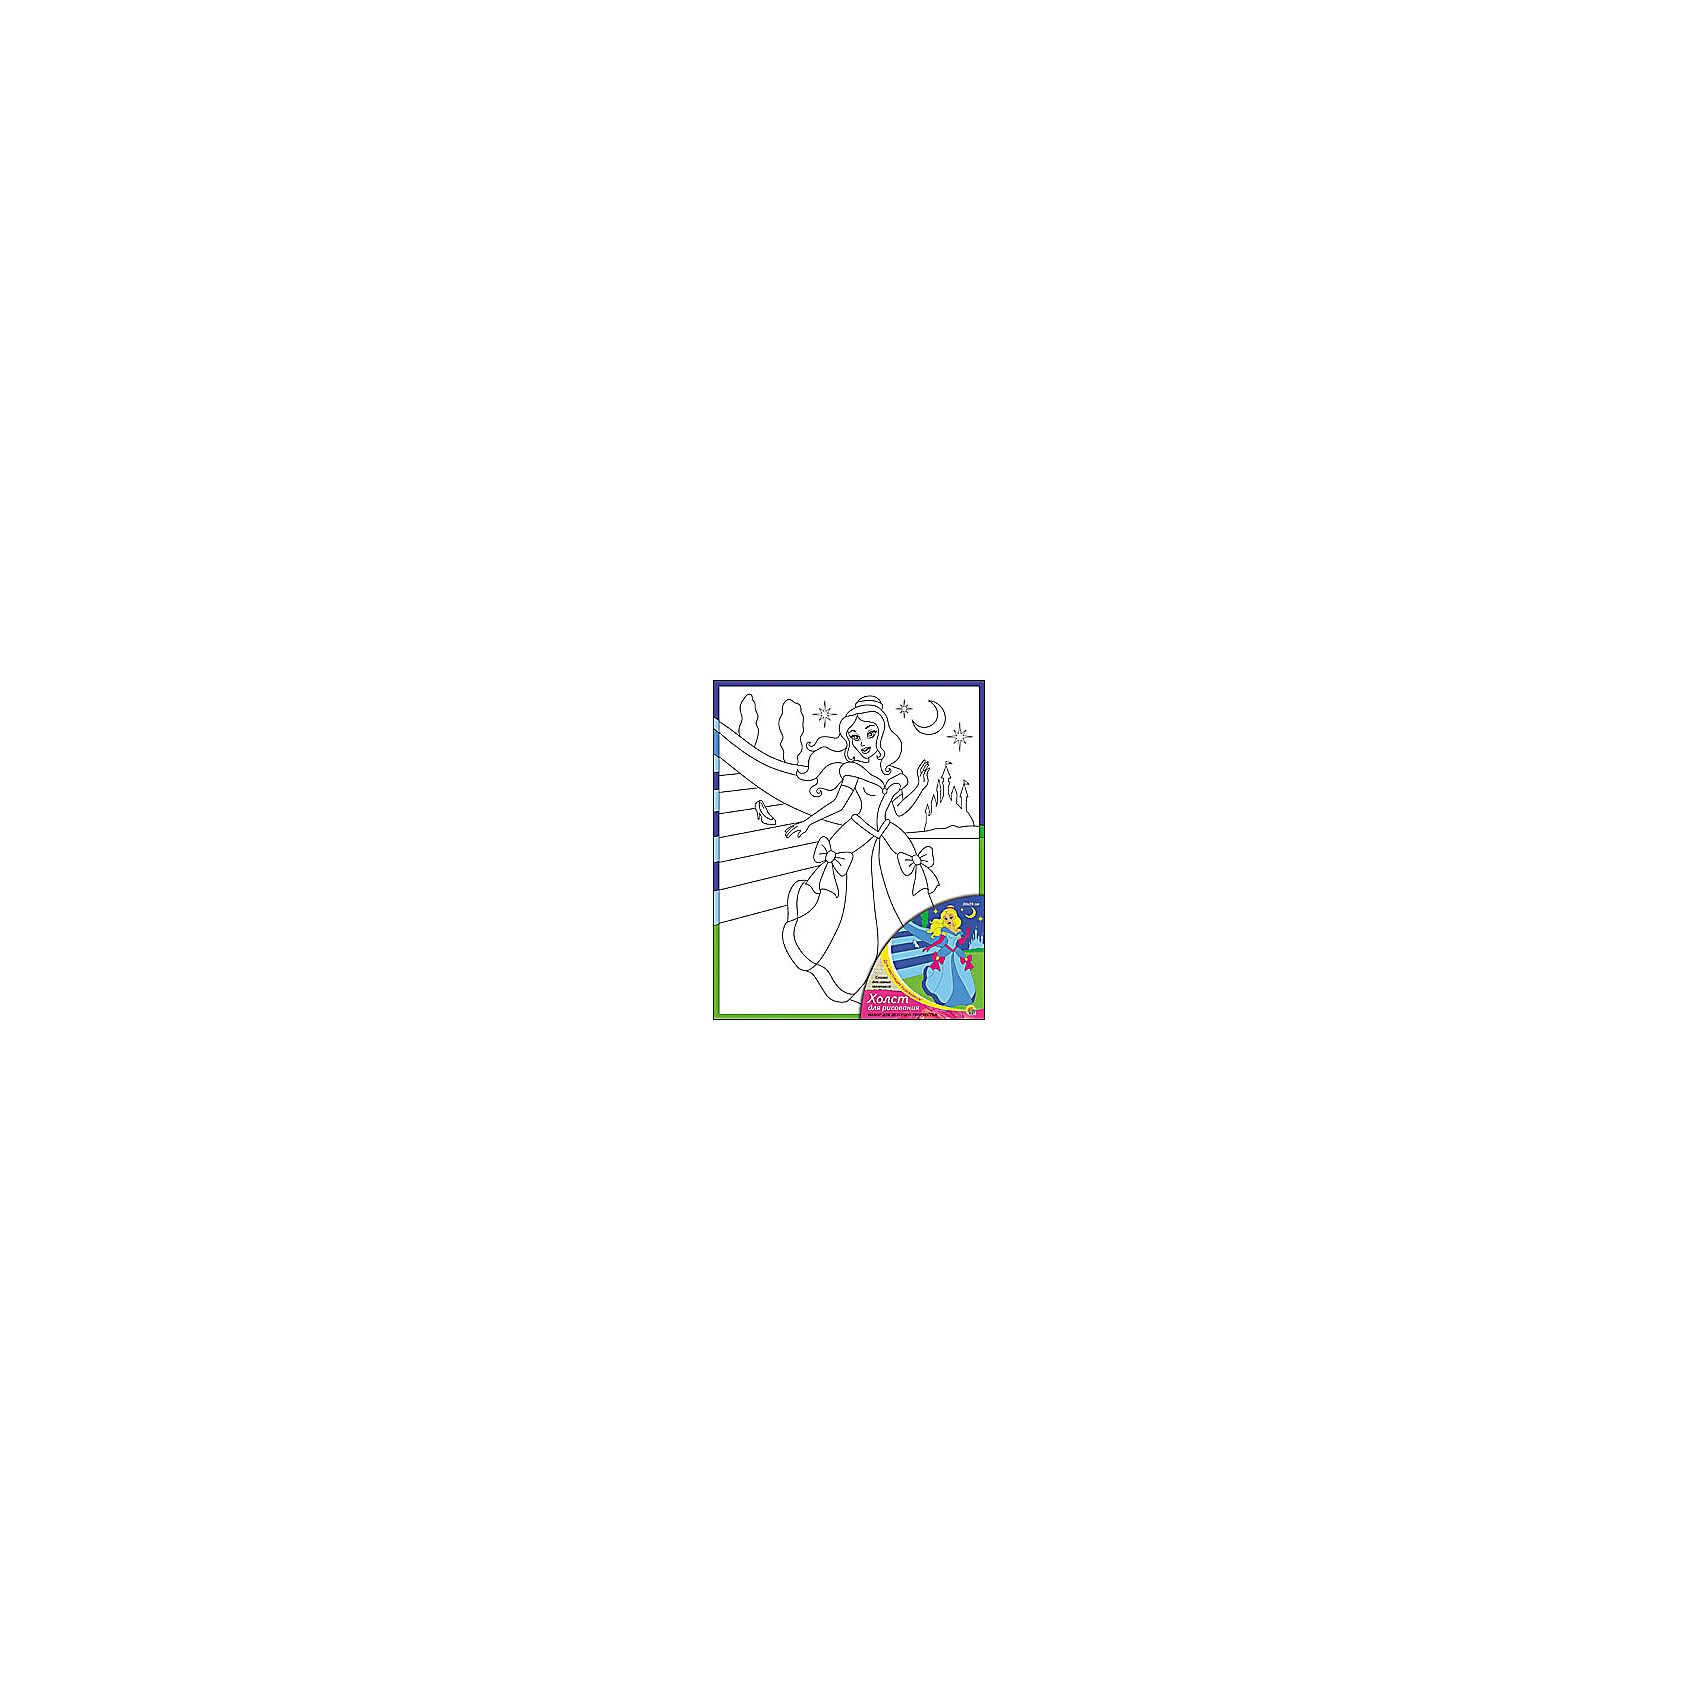 Холст с красками Сказка для самых маленьких, 20х25 смРисование<br>Холст с красками Сказка для самых маленьких - прекрасный подарок детям, которые любят рисовать. В наборе вы найдете всё, что нужно для детского творчества: холст с эскизом, яркие краски и кисточка. Готовую картинку можно подарить друзьям или украсить свою комнату!<br><br>Дополнительная информация:<br>В наборе: холст-эскиз, 7 акриловых красок, кисточка<br>Размер: 20х1,5х25 см<br>Вес: 210 грамм<br>Холст с красками Сказка для самых маленьких можно купить в нашем интернет-магазине.<br><br>Ширина мм: 250<br>Глубина мм: 15<br>Высота мм: 200<br>Вес г: 210<br>Возраст от месяцев: 36<br>Возраст до месяцев: 120<br>Пол: Унисекс<br>Возраст: Детский<br>SKU: 4939522